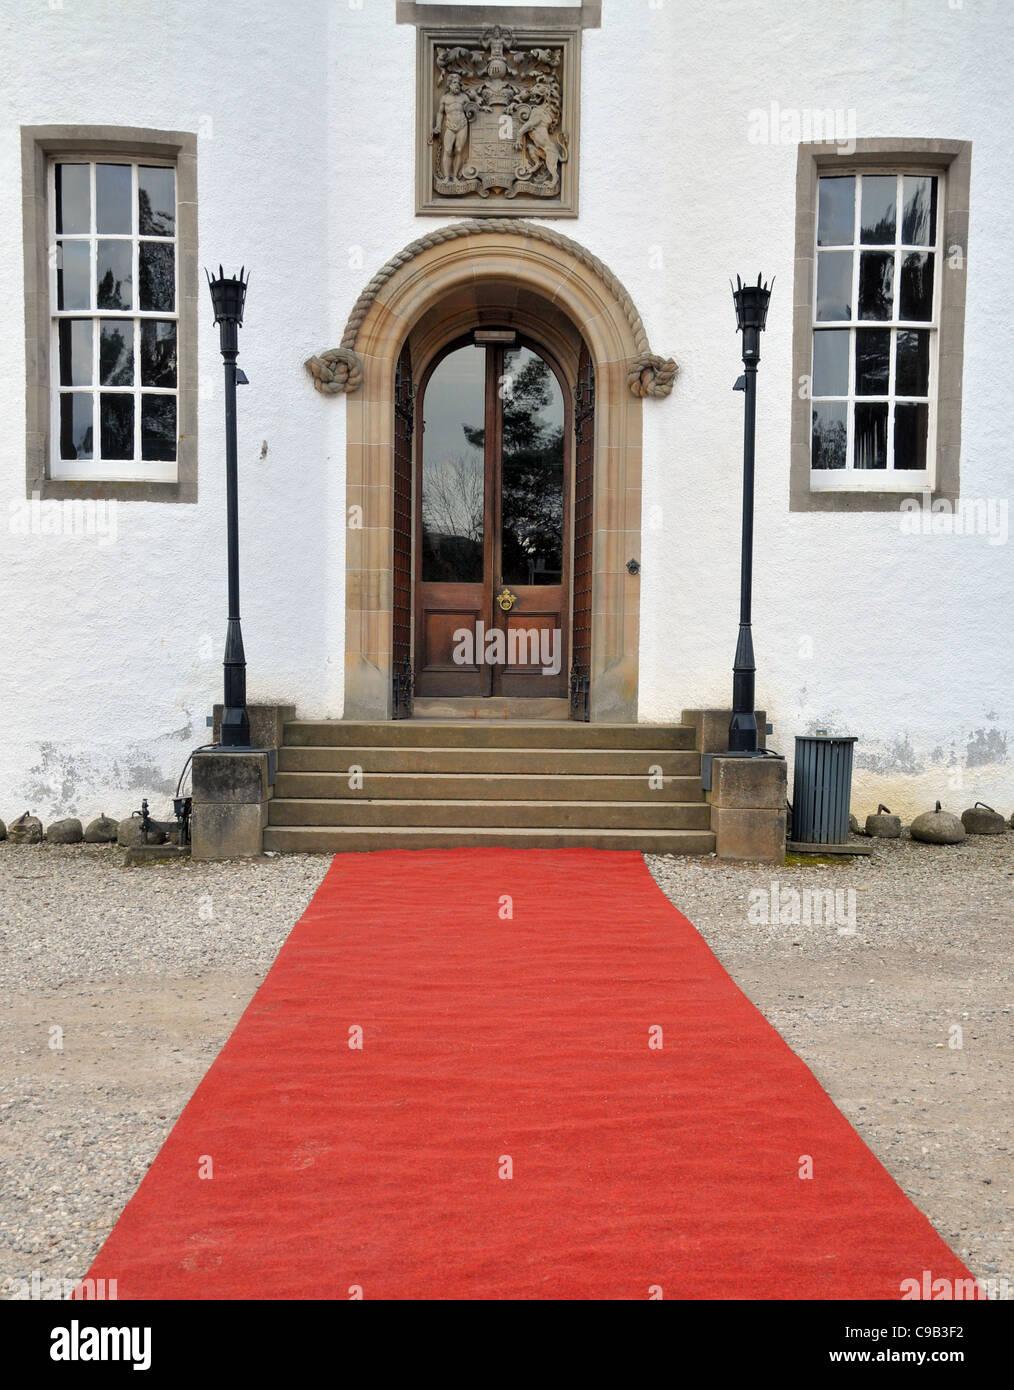 Ein roter Teppich ausgebreitet vor dem Eingang von Blair Castle, Pitlochry, Perth. Stockbild